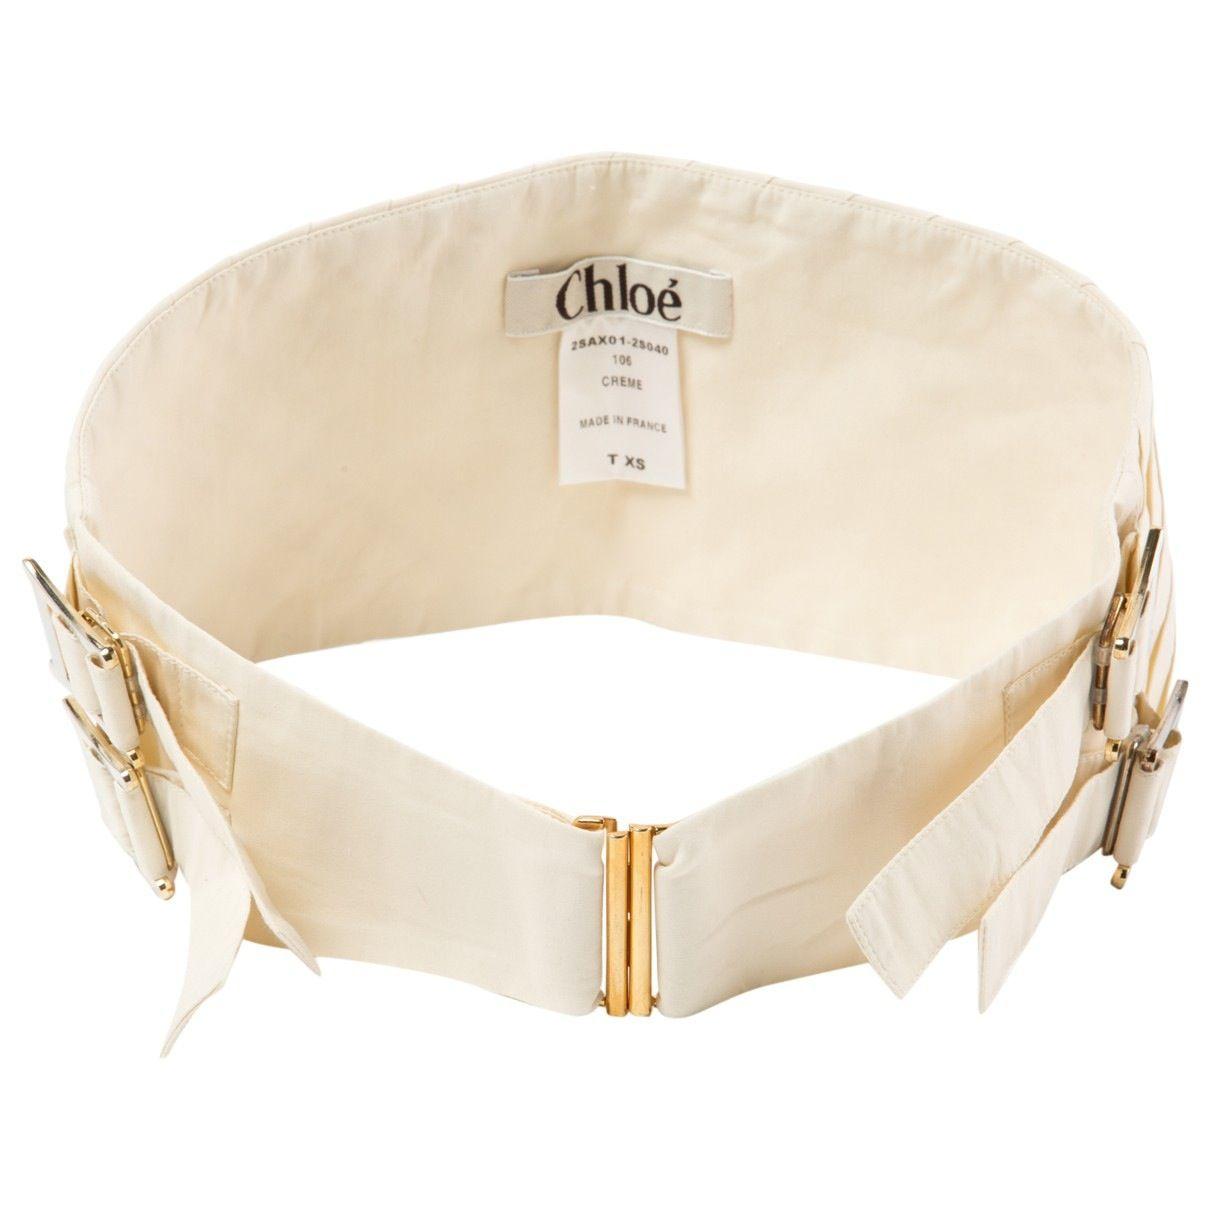 CHLOÉ Canvas belt in 2020 Women accessories, Chloe, Belt